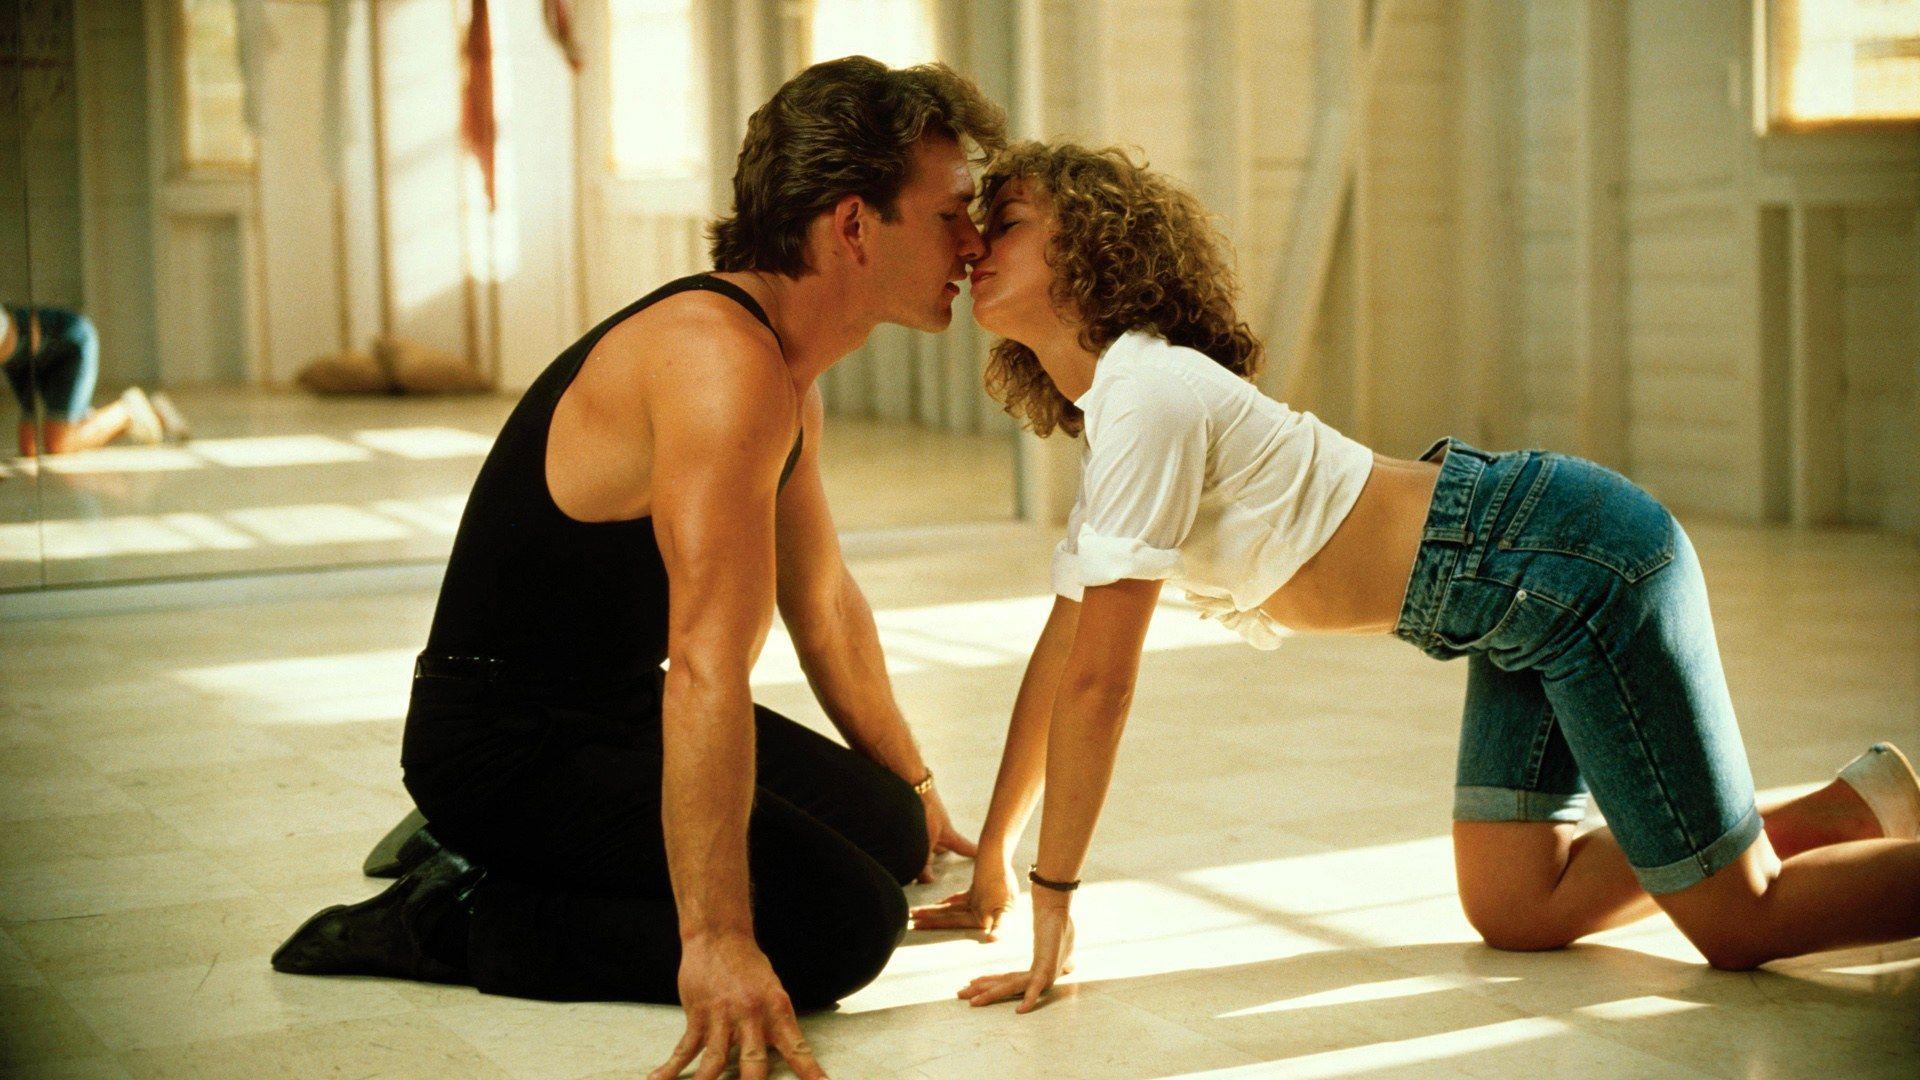 Не ѝ беше лесно на Бейби (Мръсни танци - 1987)